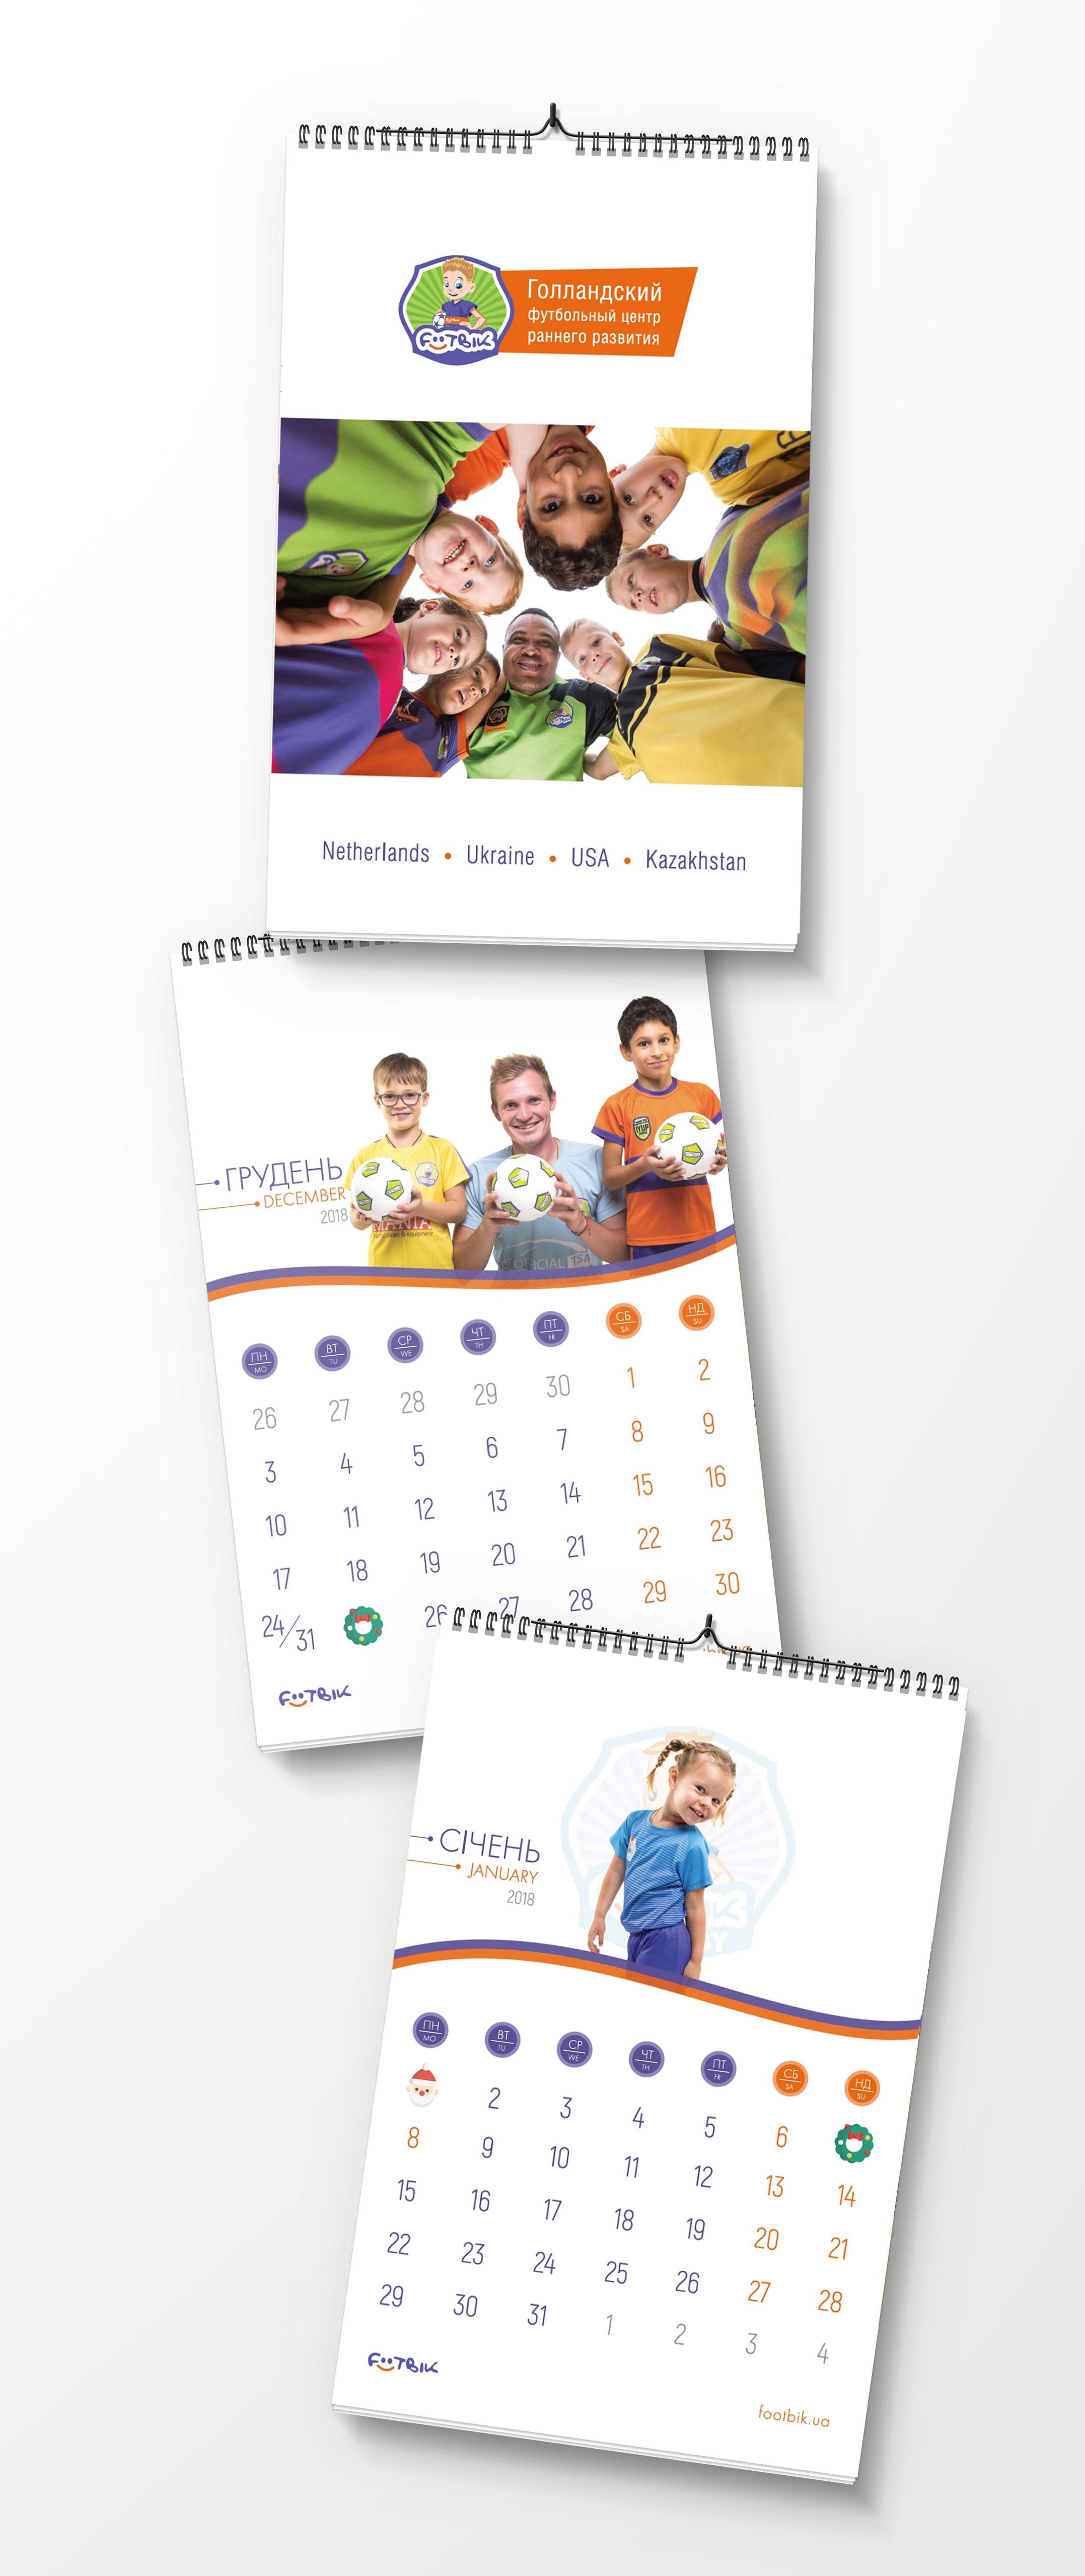 Корпоративний календар «Футбік»